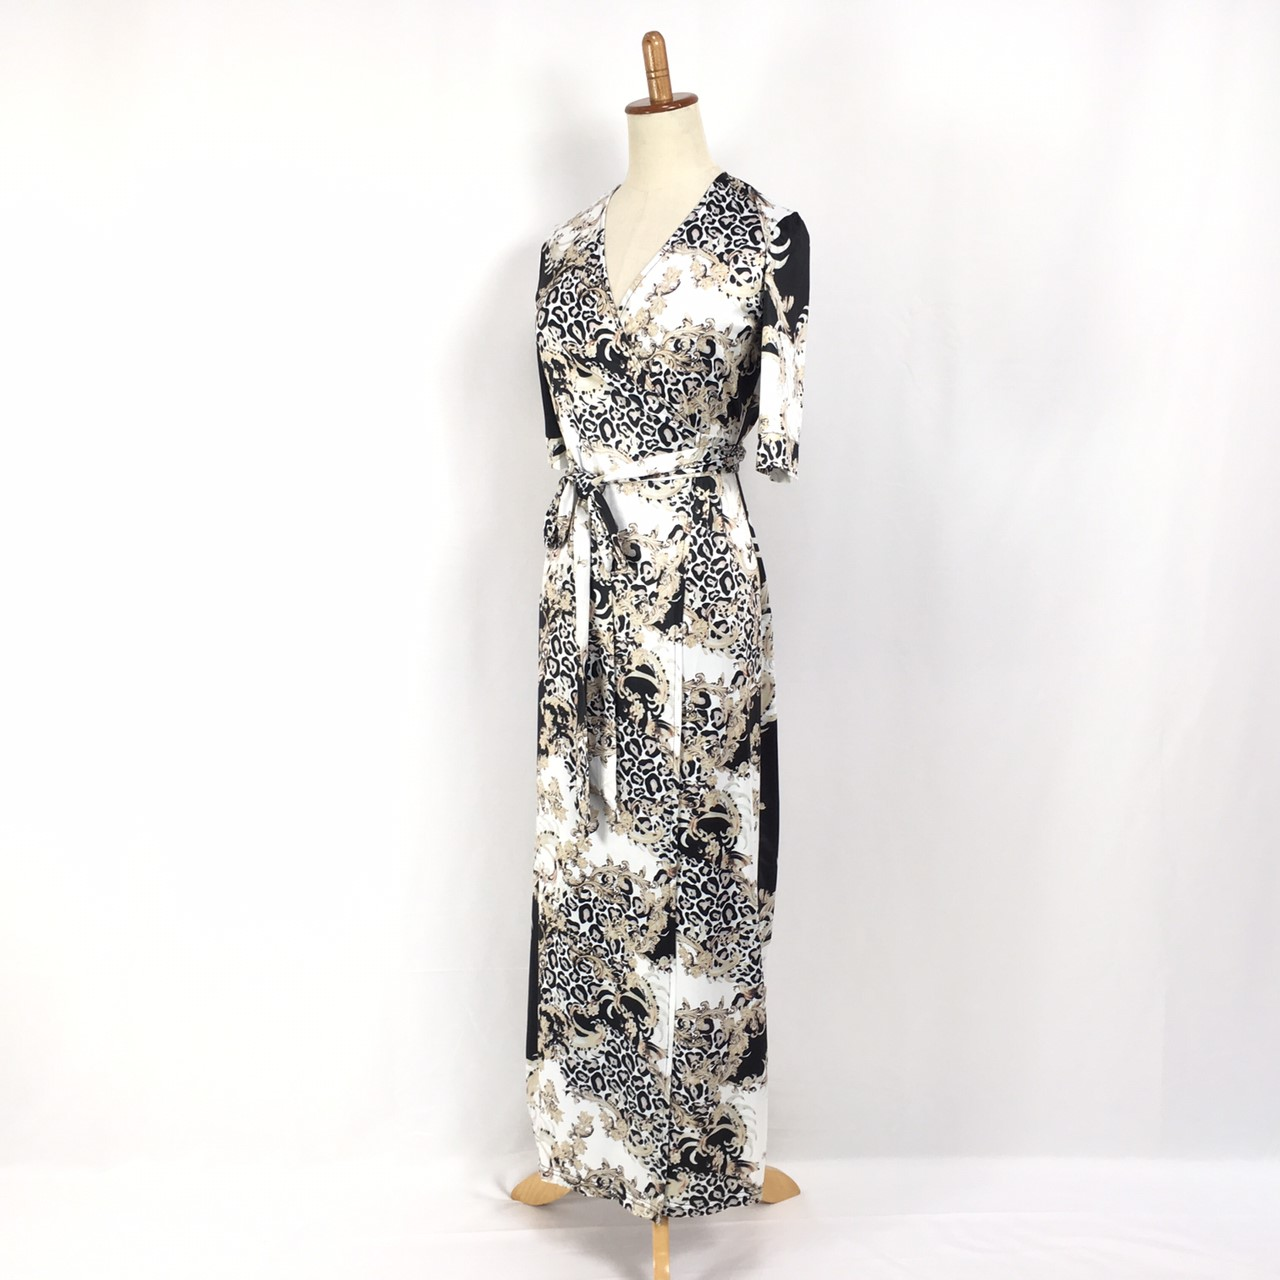 韓国 ファッション ワンピース パーティードレス ロング マキシ 夏 春 パーティー ブライダル PTXF019 結婚式 お呼ばれ カシュクール ハイショルダー ウエストマー 二次会 セレブ きれいめの写真14枚目